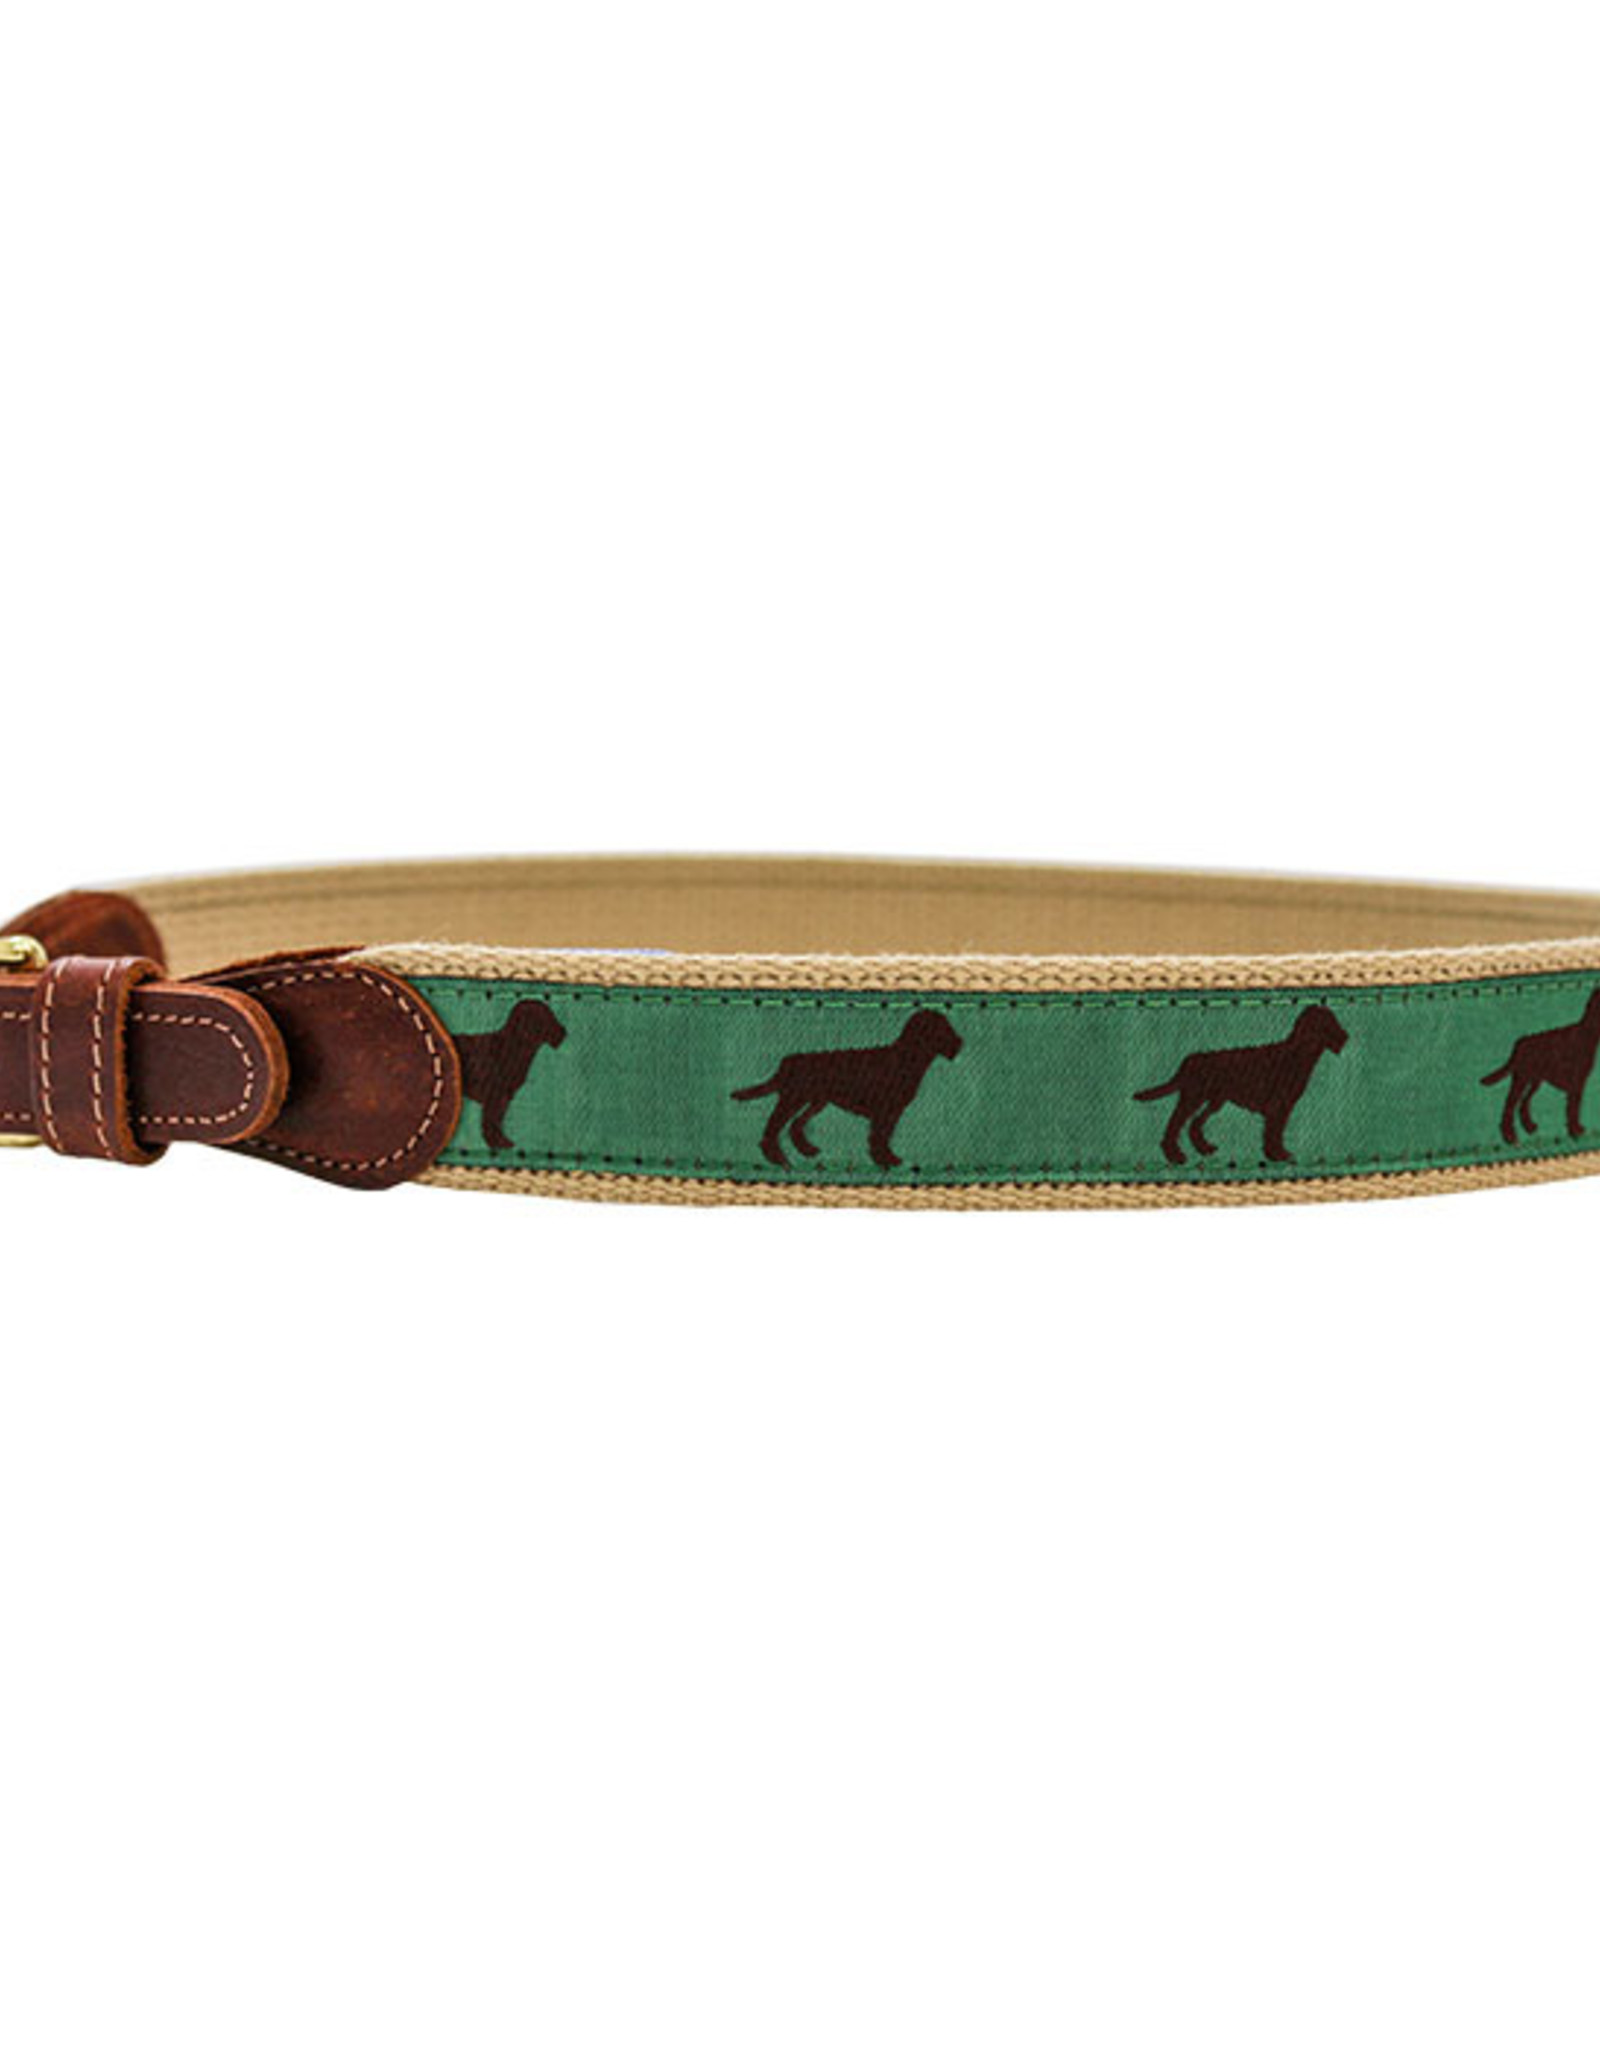 The Bailey Boys Chocolate Dog Belt